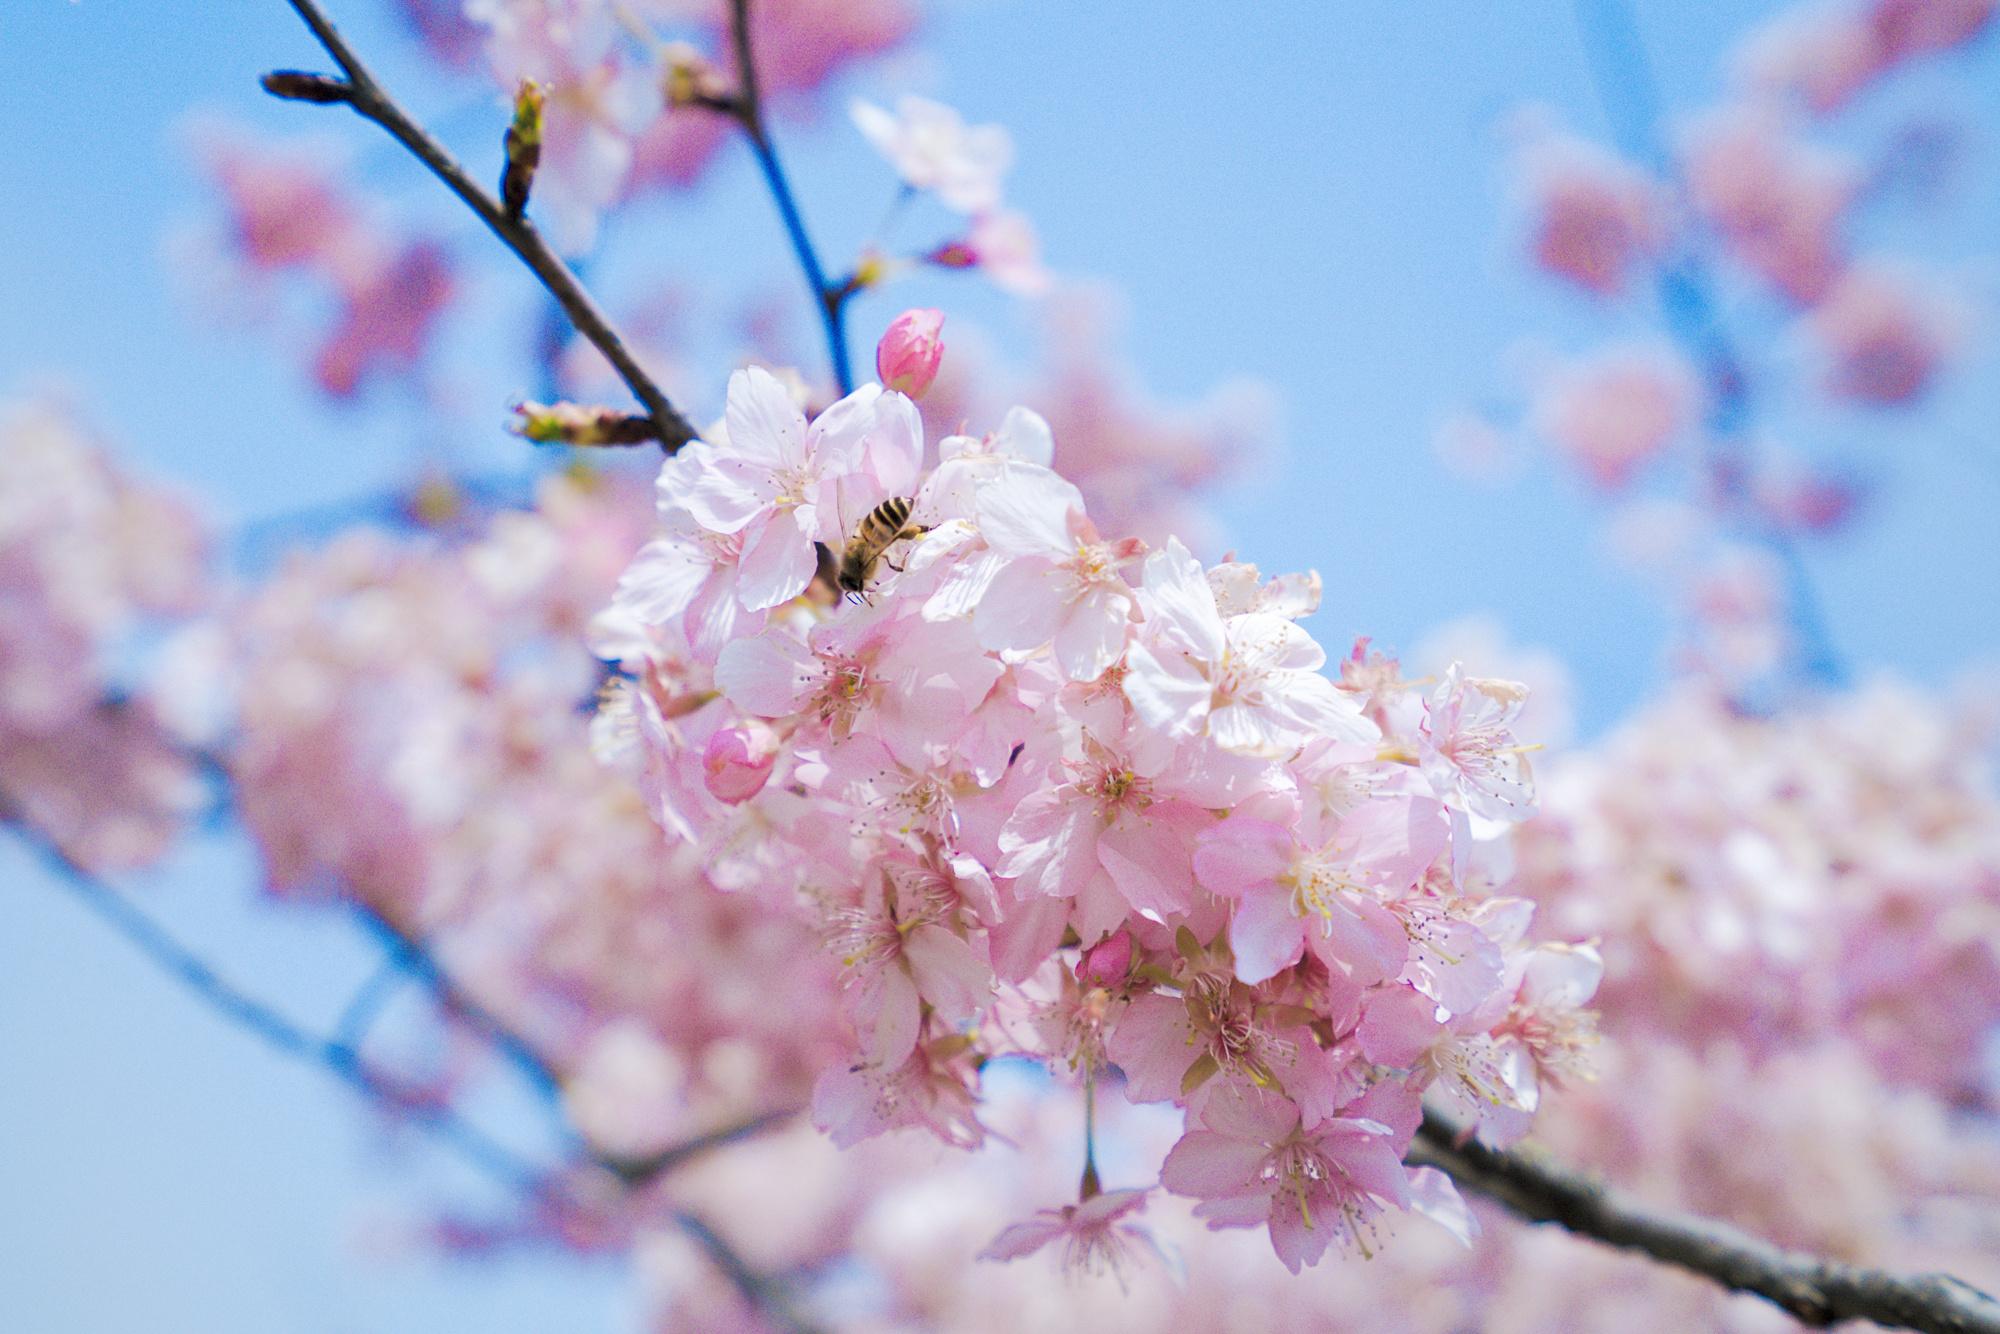 孤柏渡樱花节门票,孤柏渡樱花花期